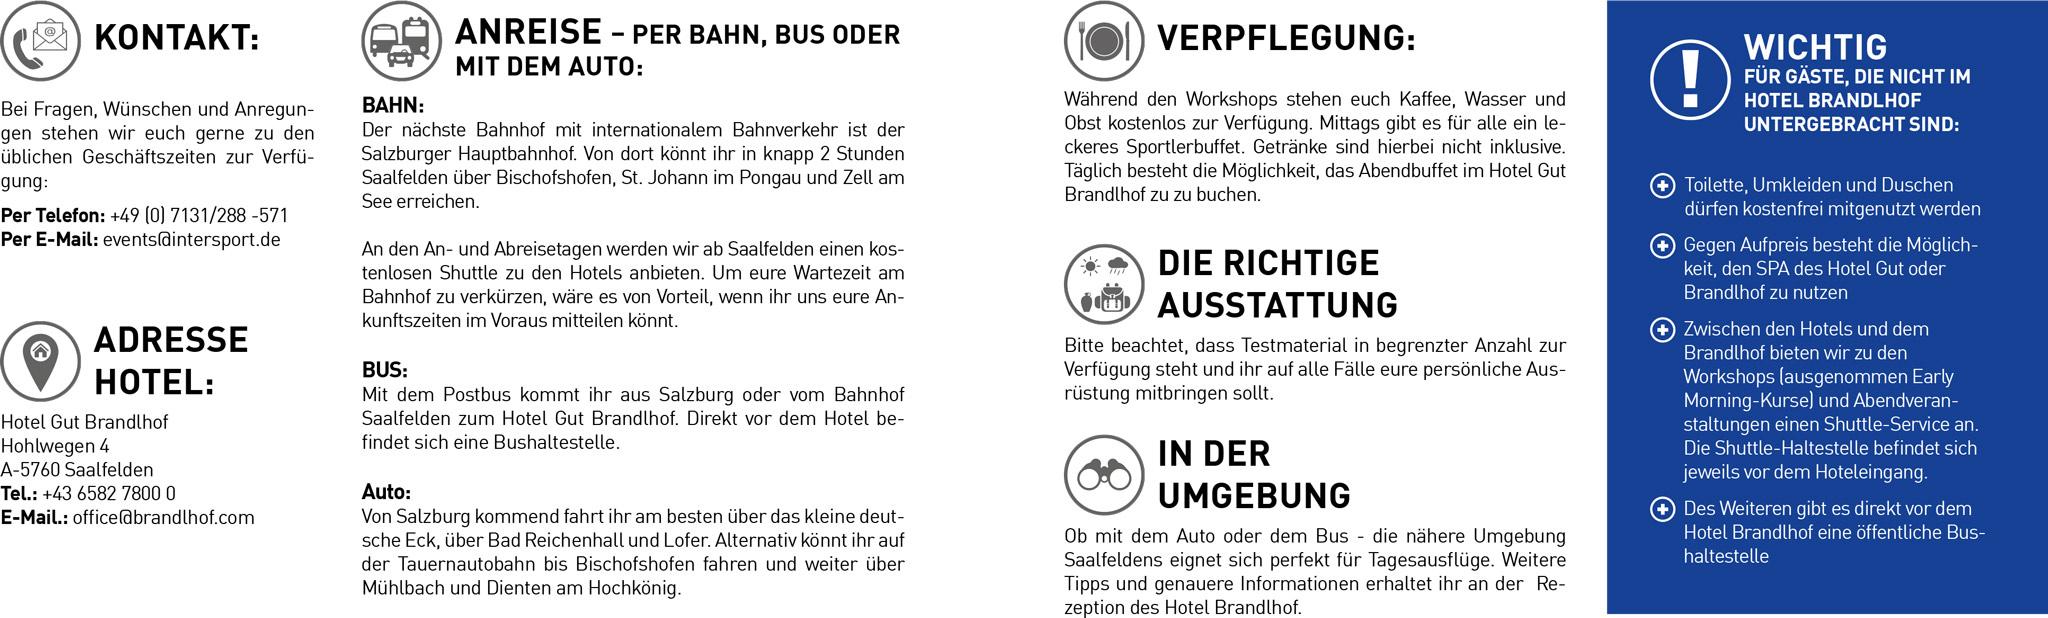 INTERSPORT_FitGEsund_Wissenswertes